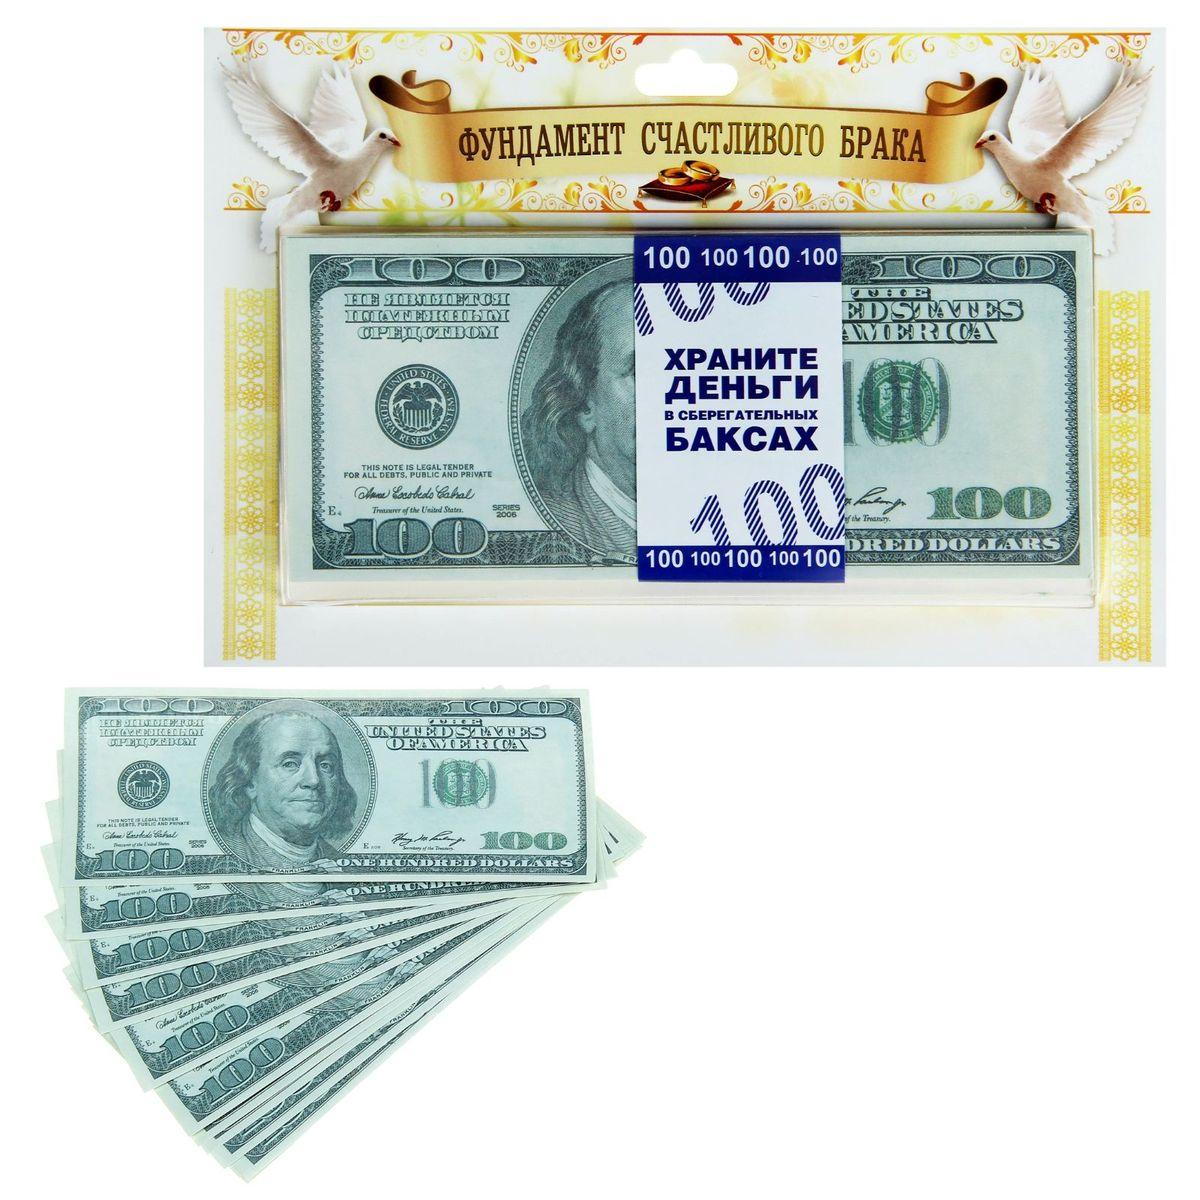 Деньги для выкупа Sima-land Фундамент счастливого брака, 15,7 x 6,7 x 1 см25051 7_желтыйХотите весело и щедро выкупить невесту? Легко!С вас – боевое настроение, а о деньгах мы позаботимся!Сколько нужно жениху, чтоб родители невесты отдали их бесценное сокровище? Возможно, пачку денег или две. А в каждой – плотный пресс купюр! Теперь точно хватит!Набор состоит из 100 банкнот, упакованных в пластиковый блистер и яркую картонную подложку, купюры скреплены бумажной оберткой с оригинальной надписью.Теперь дело за малым, осталось лишь послушно выполнять задания подружек невесты и удивлять их своей щедростью!